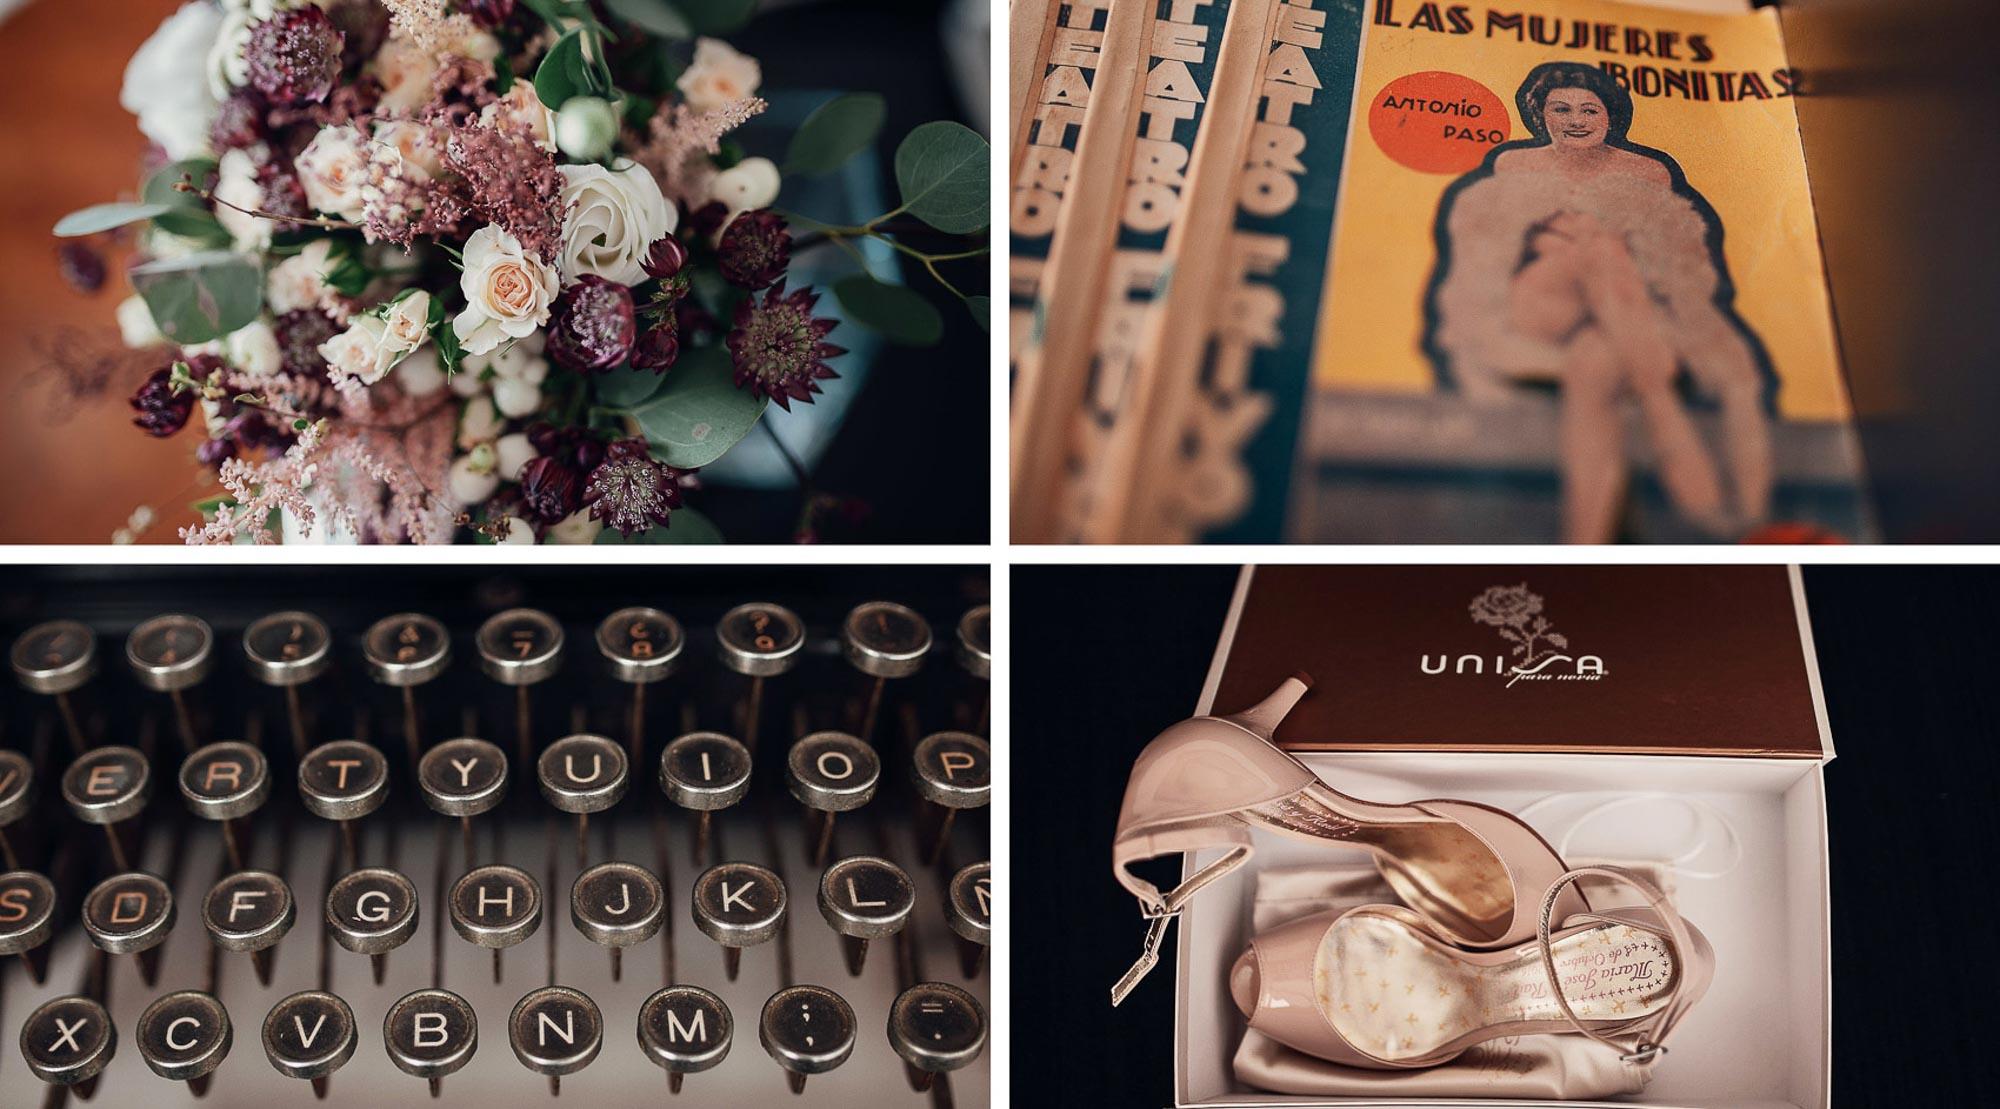 detalles casa flores revistas botones tacones caja wedding